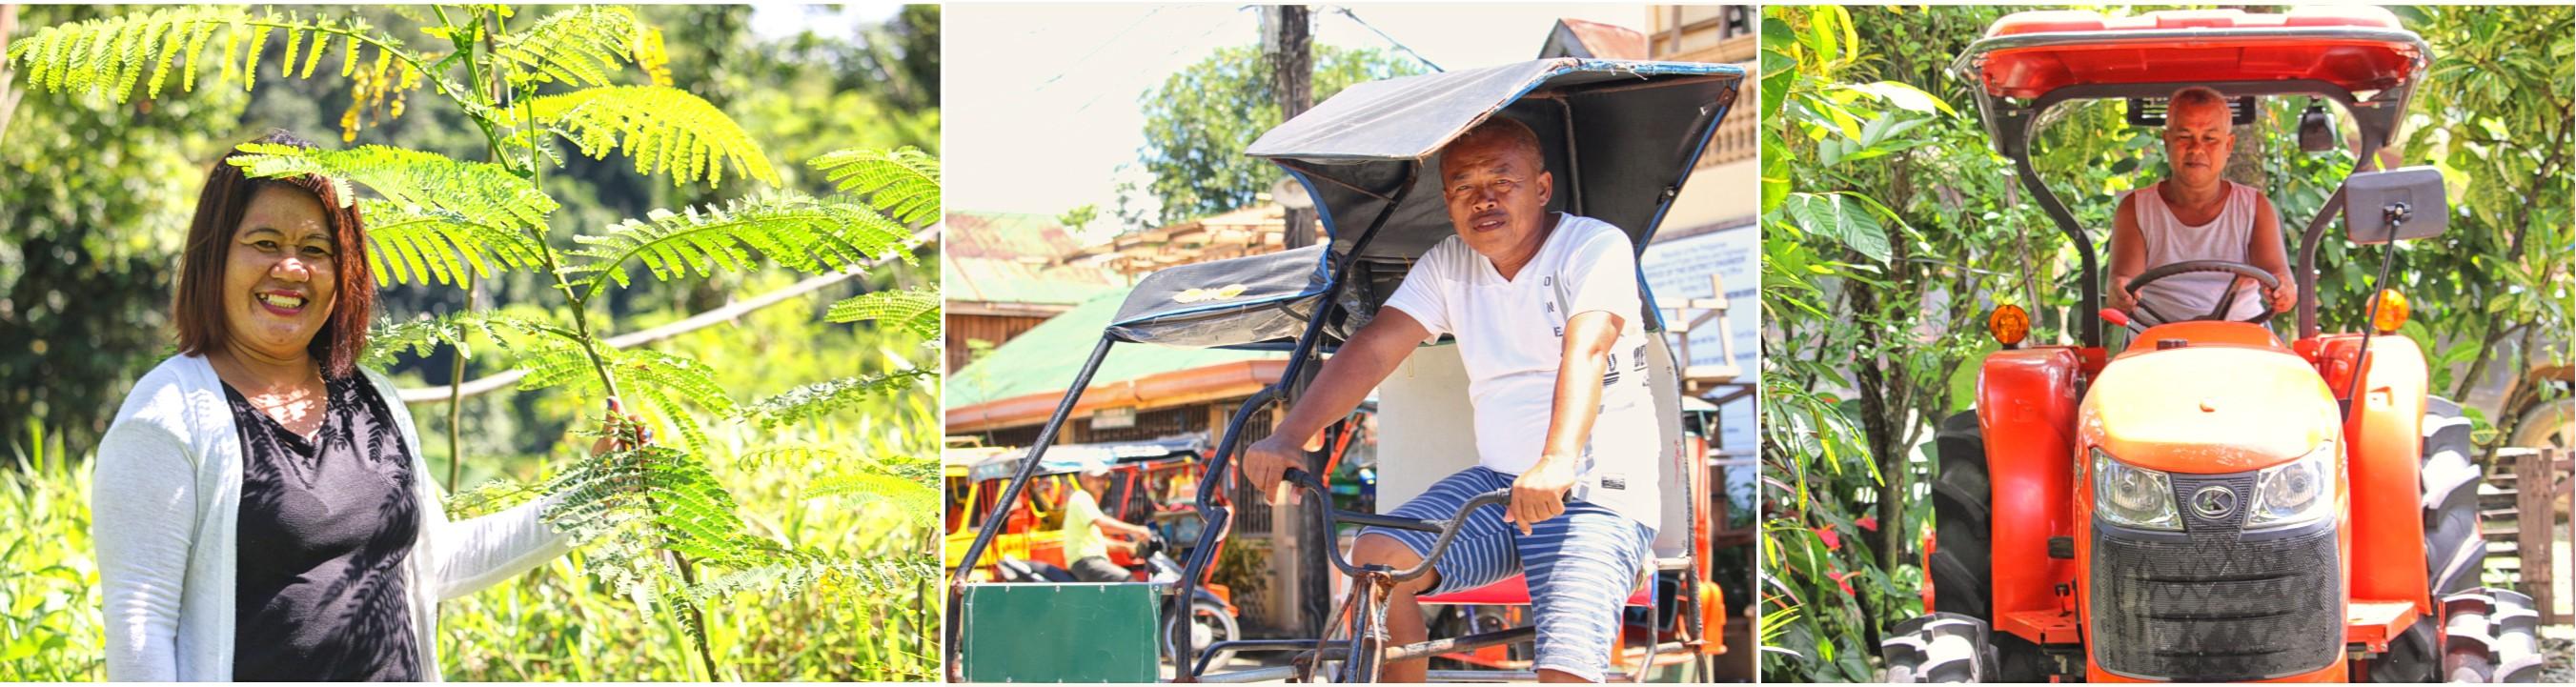 MMDC livelihood programs: Building stronger communities